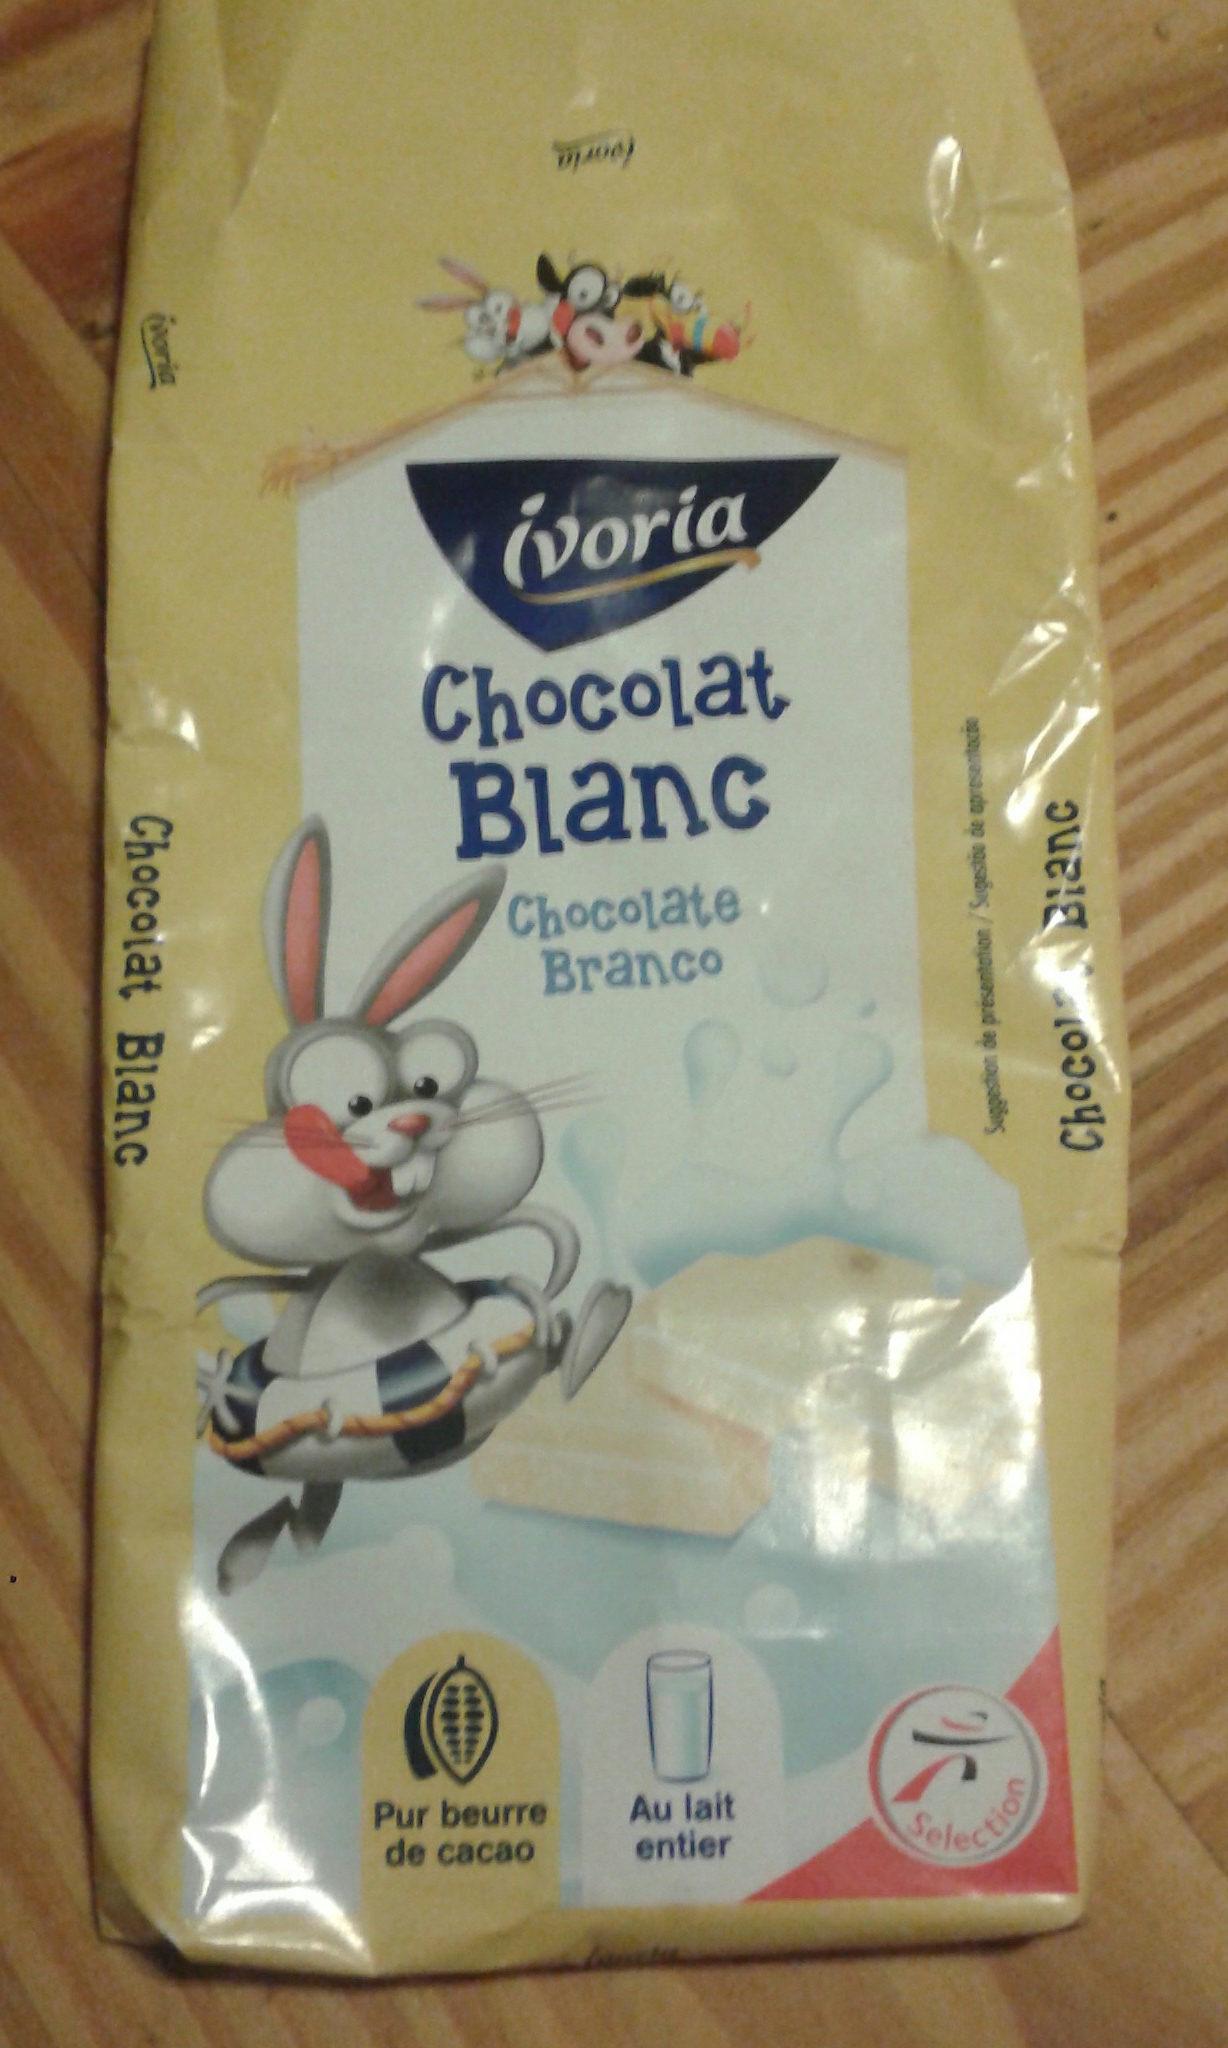 Chocolat Blanc ivoria - Product